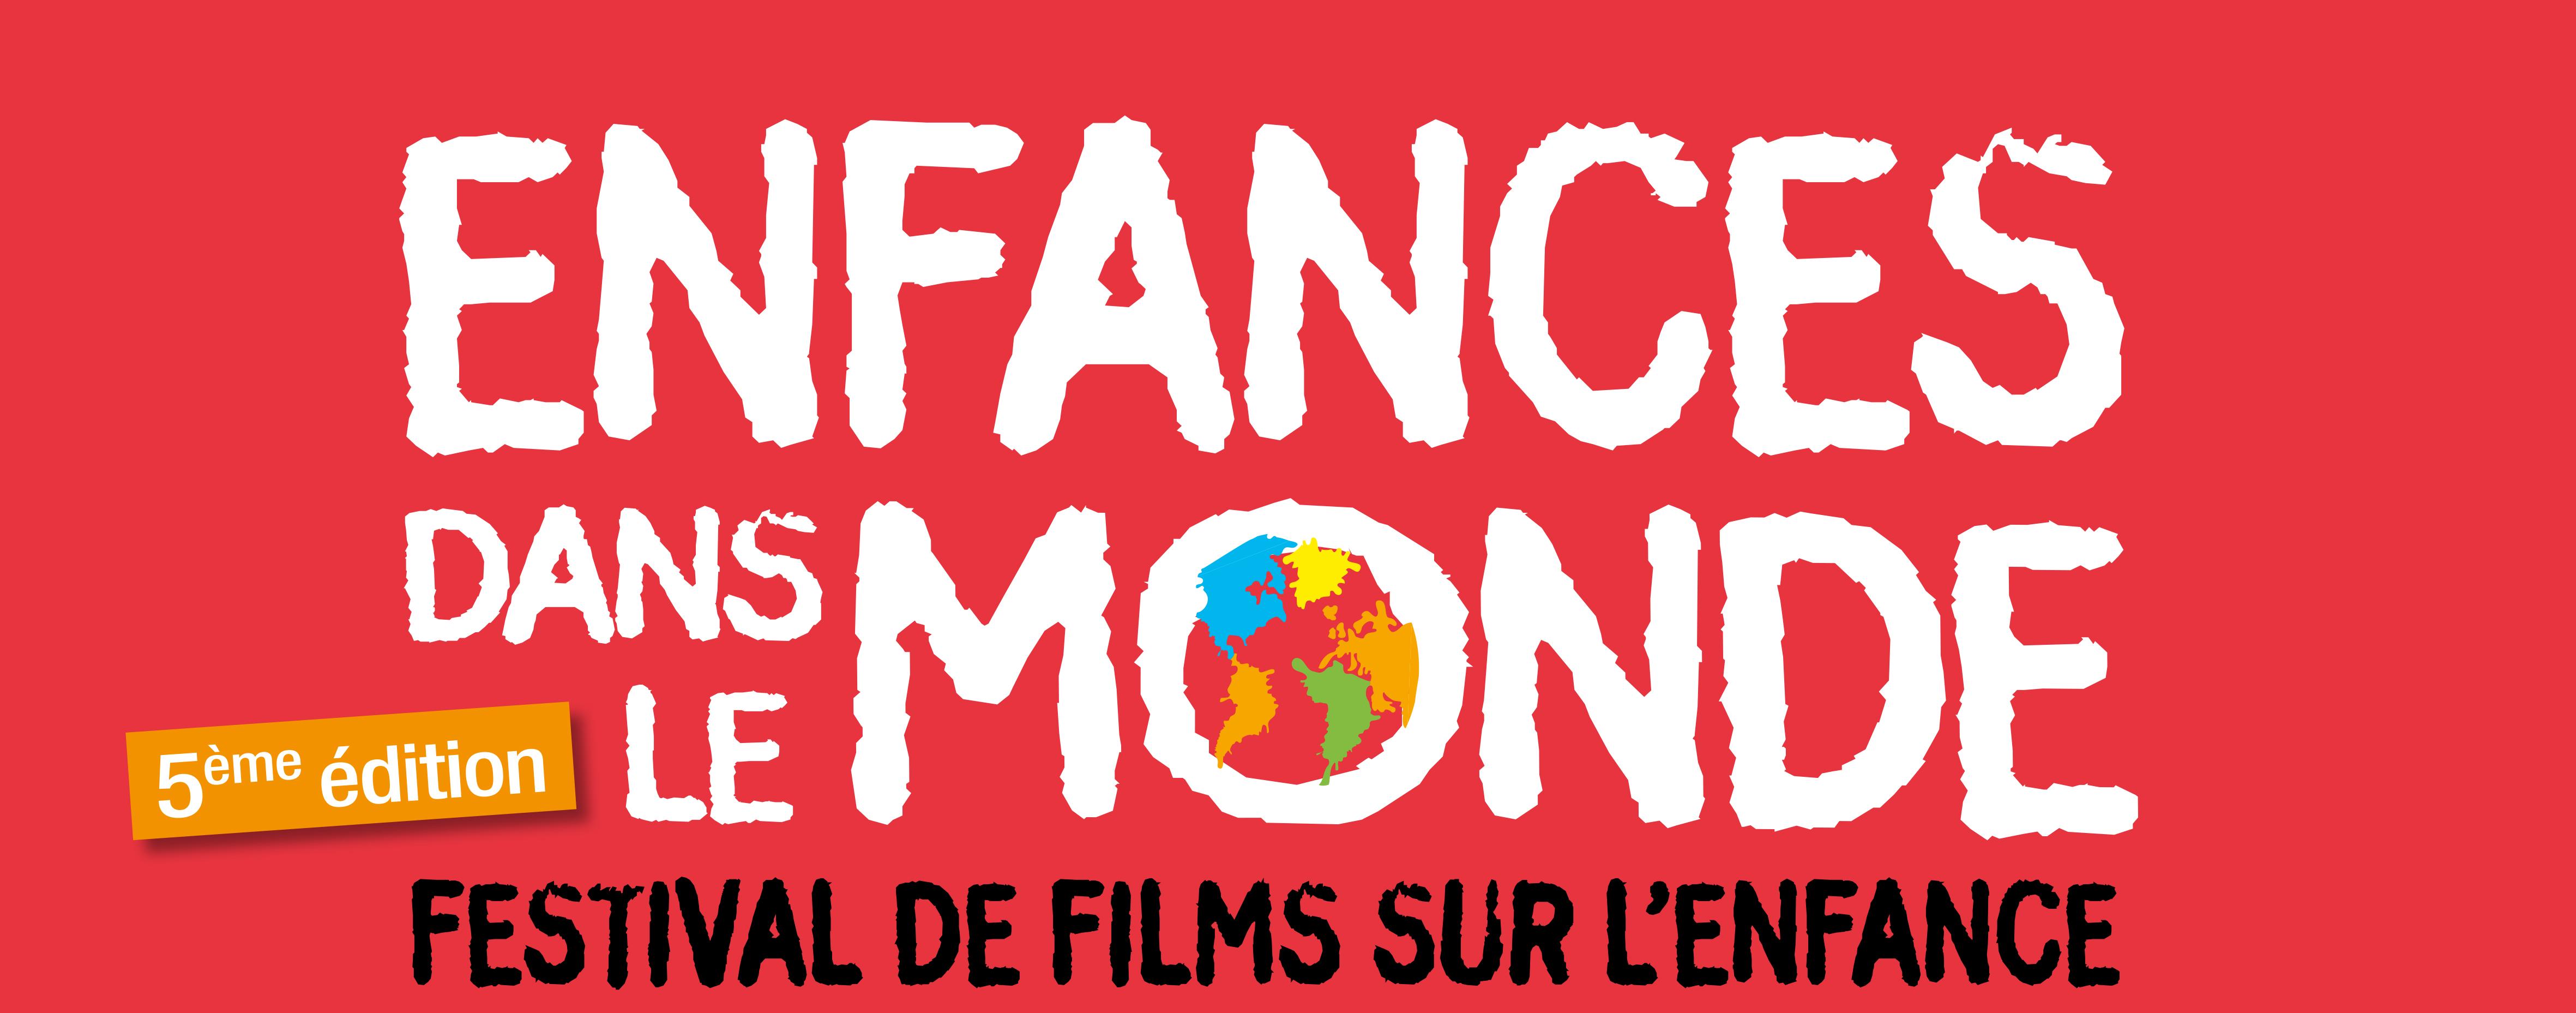 5e édition du festival Enfances dans le monde